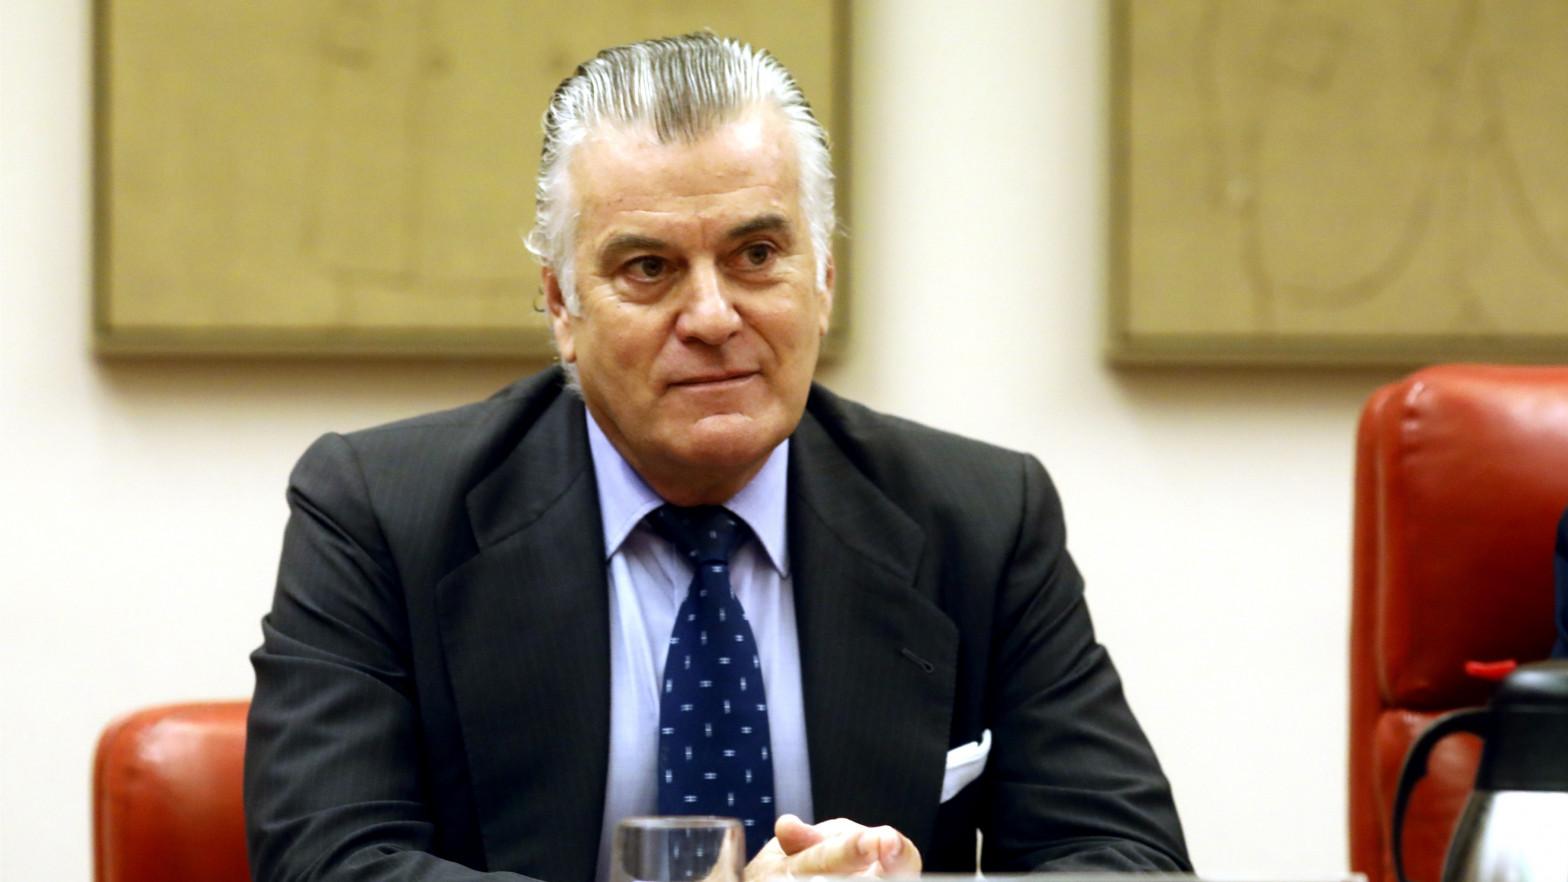 Bárcenas comparece de nuevo ante el juez para hablar de las donaciones al PP